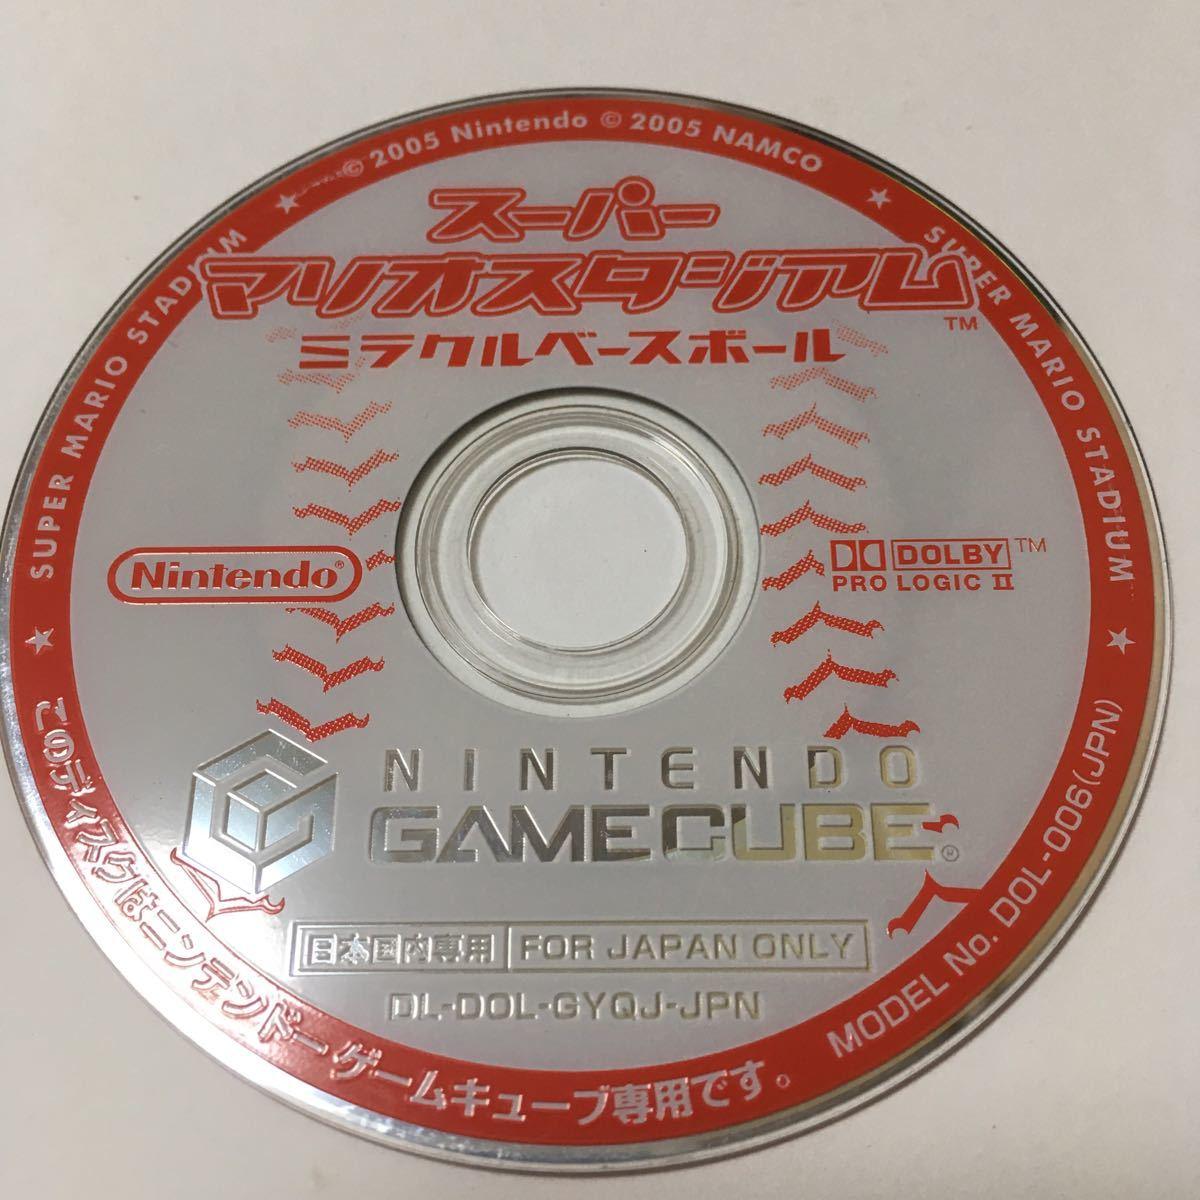 ゲームキューブ ソフト スーパーマリオスタジアム ミラクルベースボール 動作確認済み  マリオテニスとセットで700円!